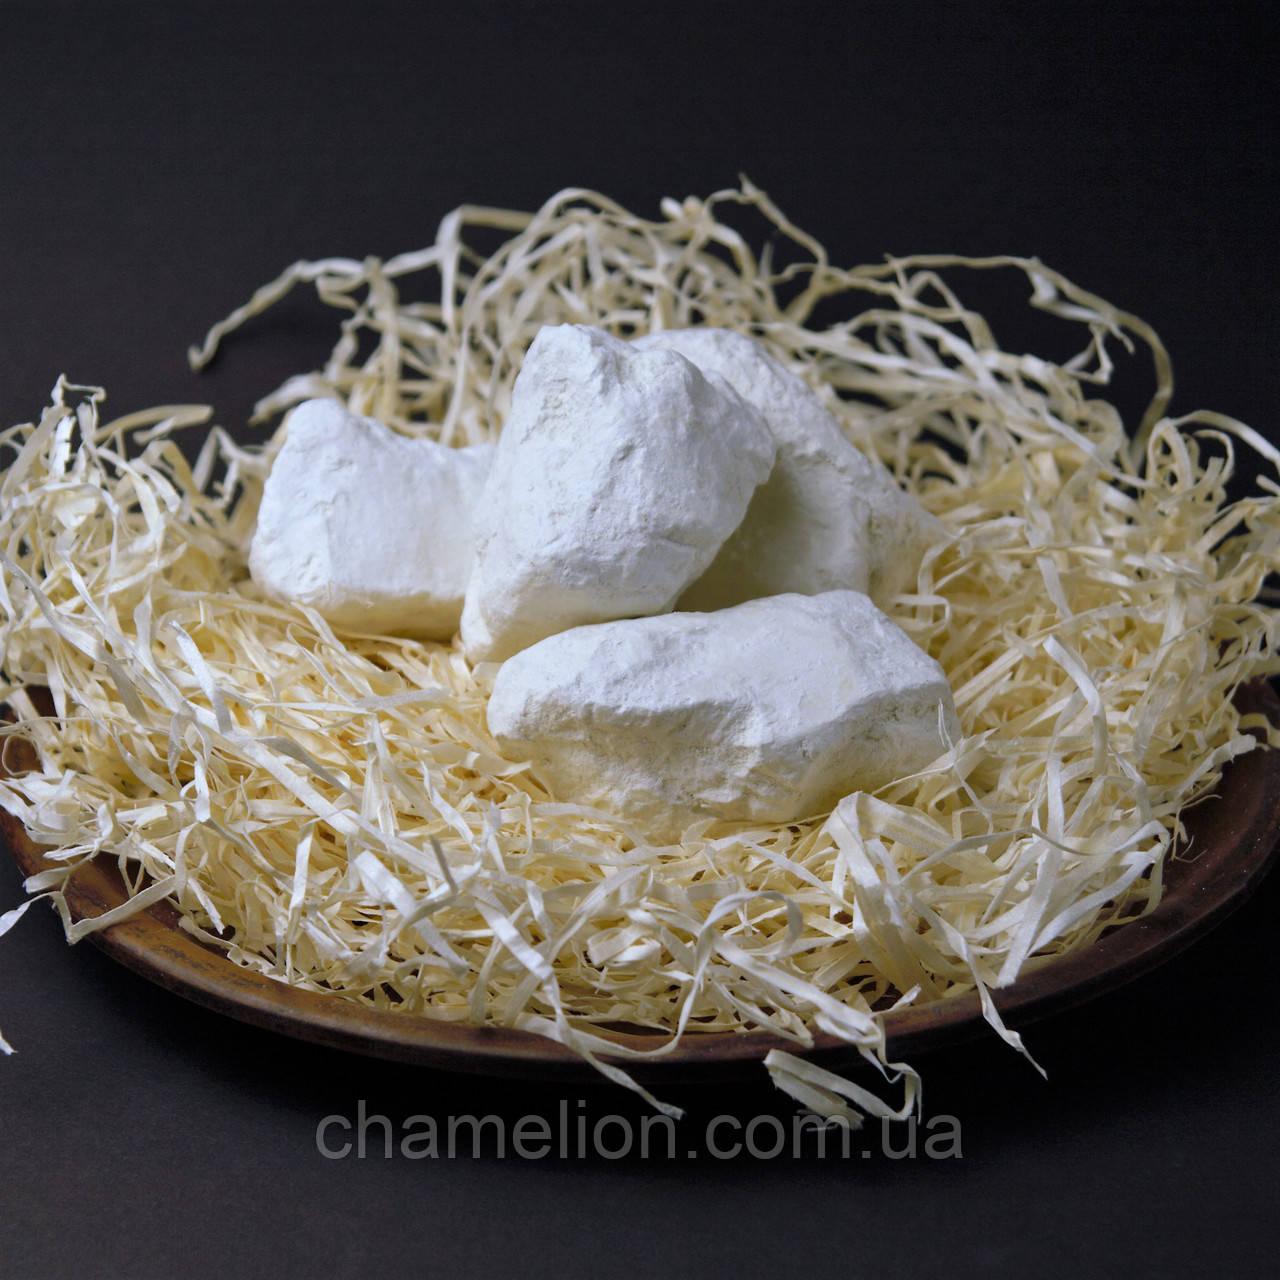 Біла харчова глина 1 кг (Белая пищевая глина 1 кг)